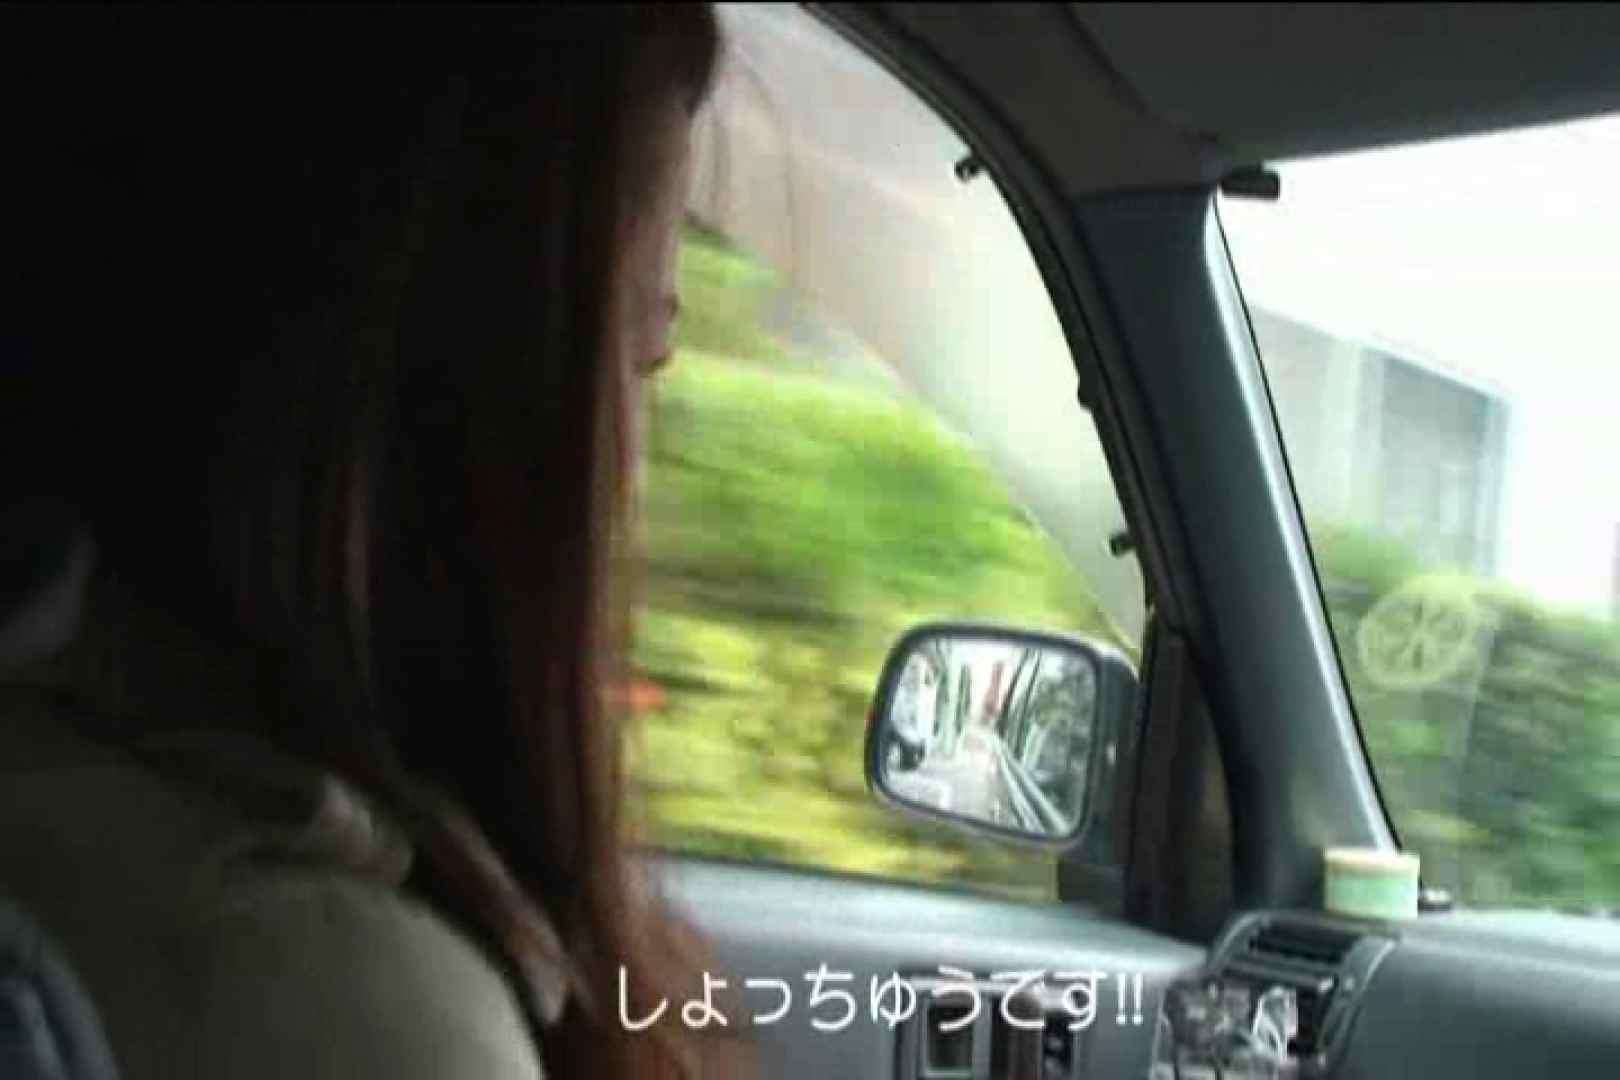 車内で初めまして! vol02 車 SEX無修正画像 95枚 5